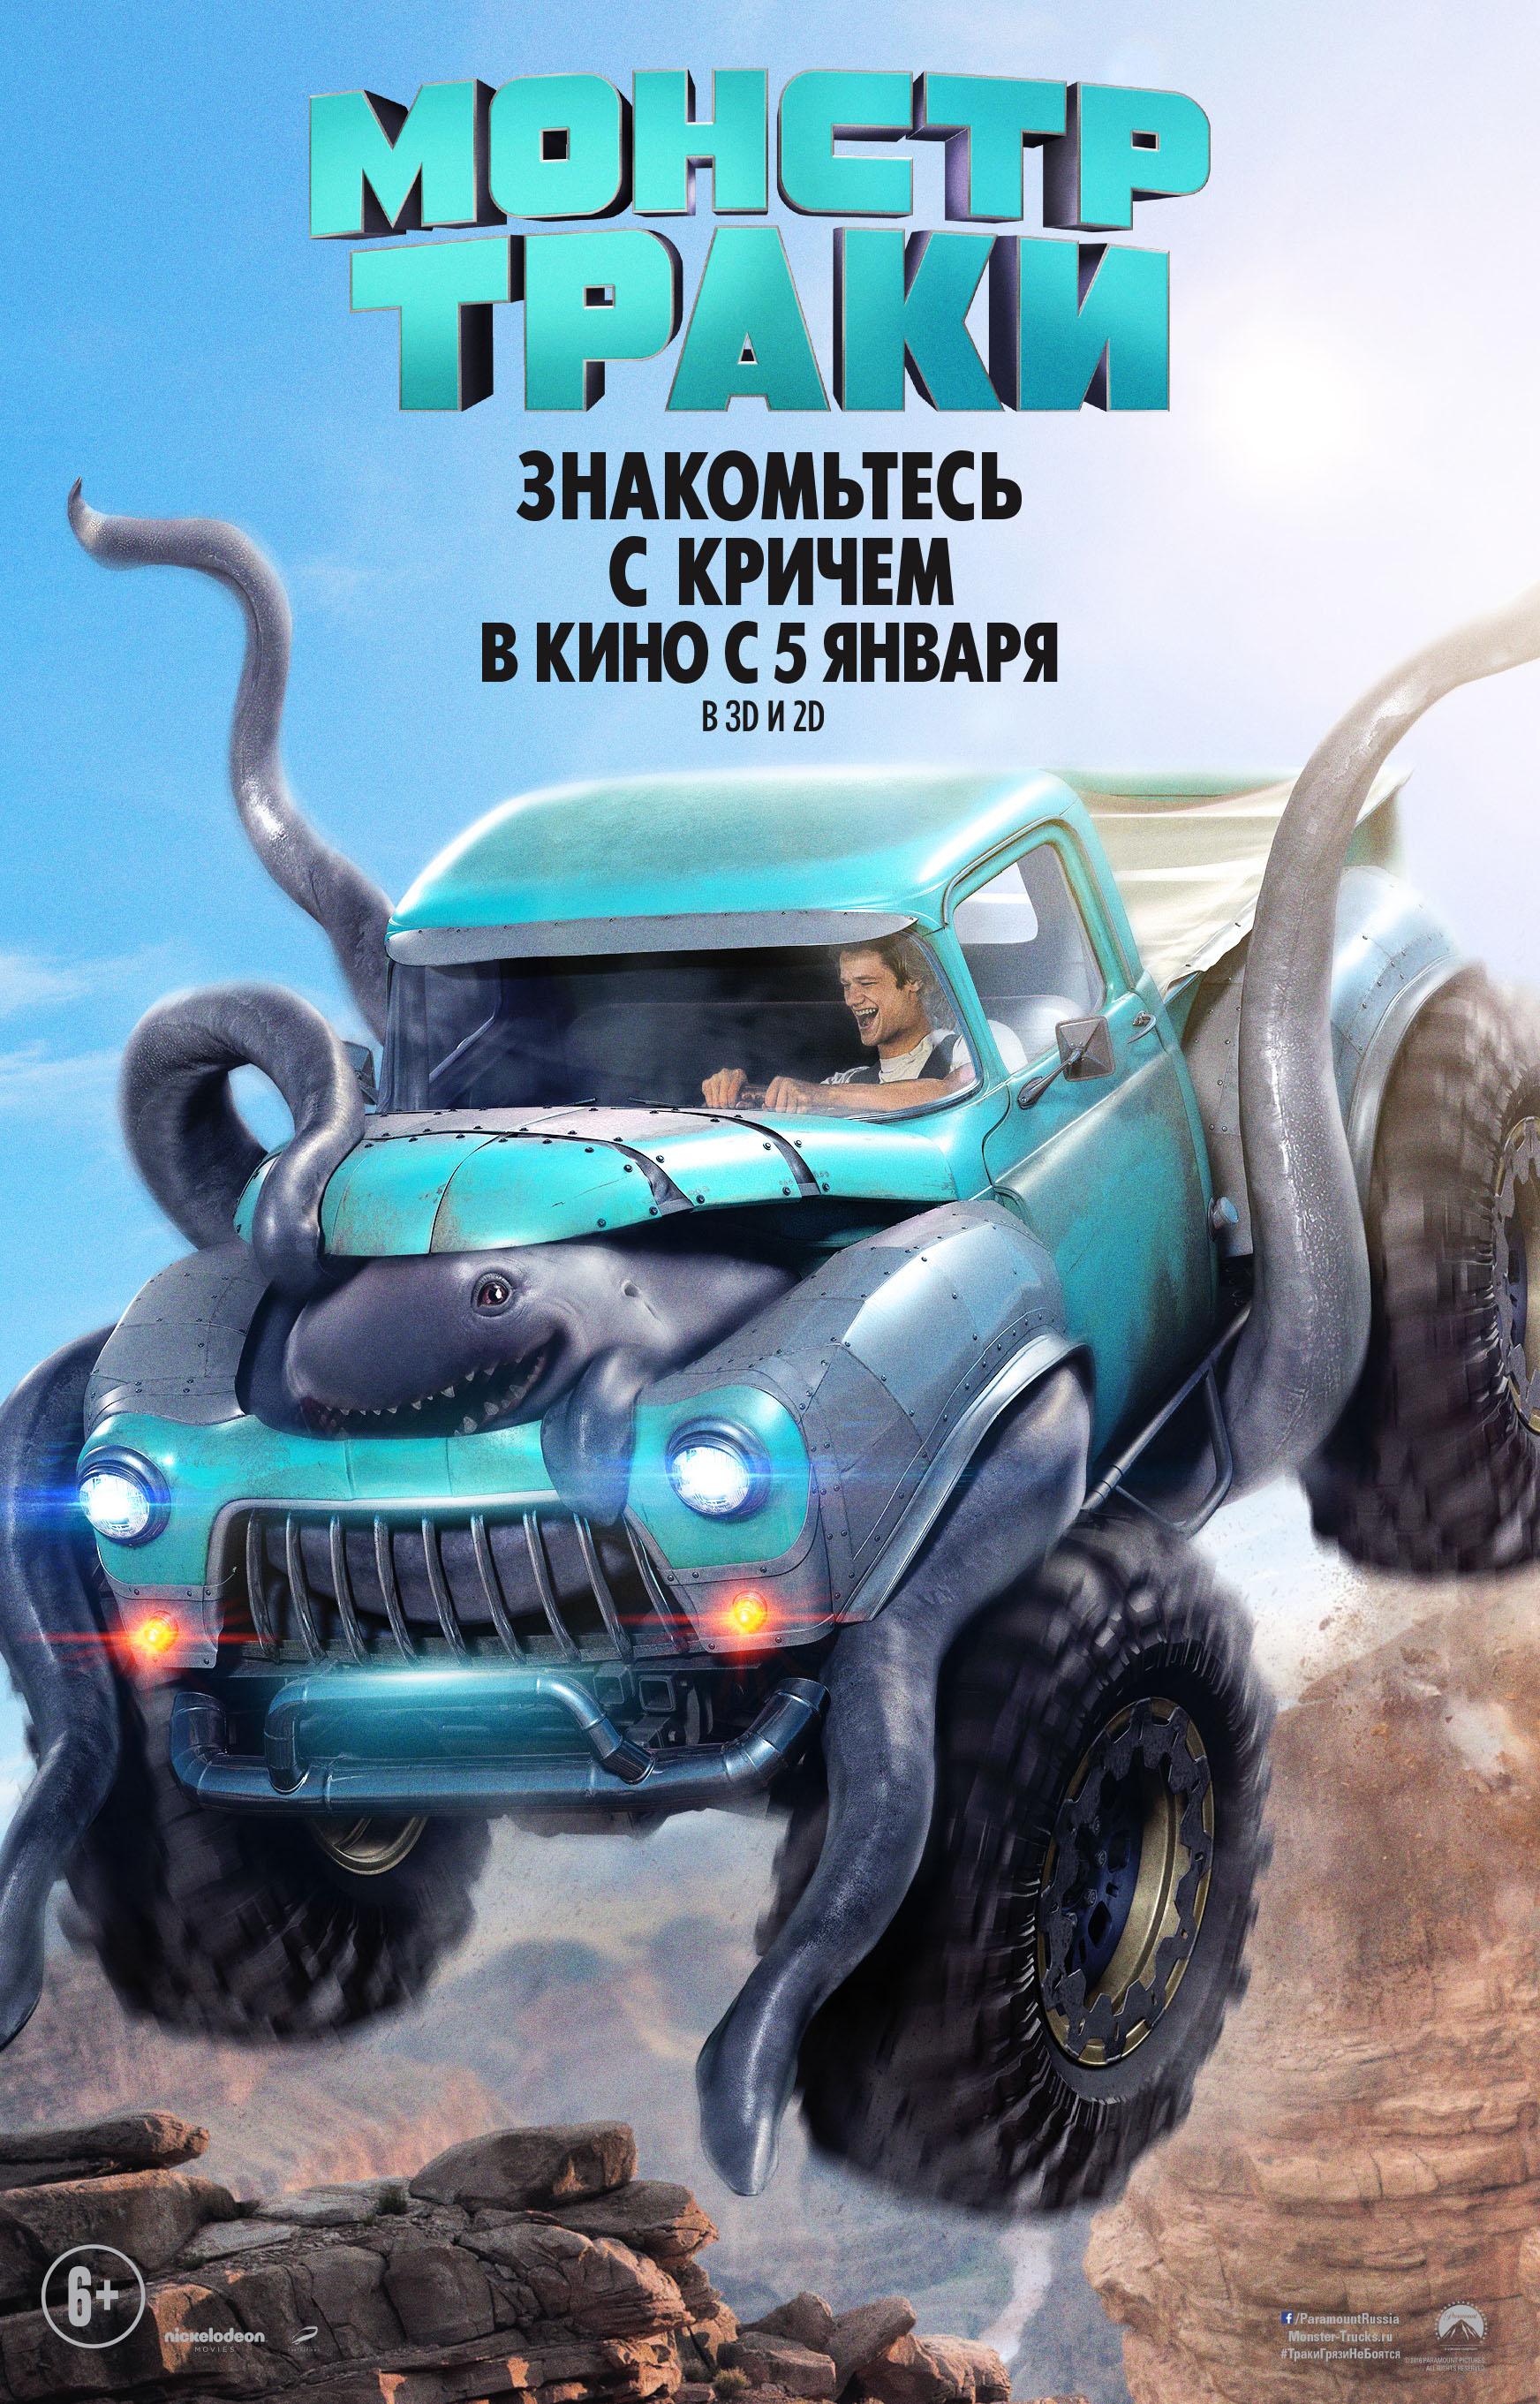 Монстр-траки (2017)